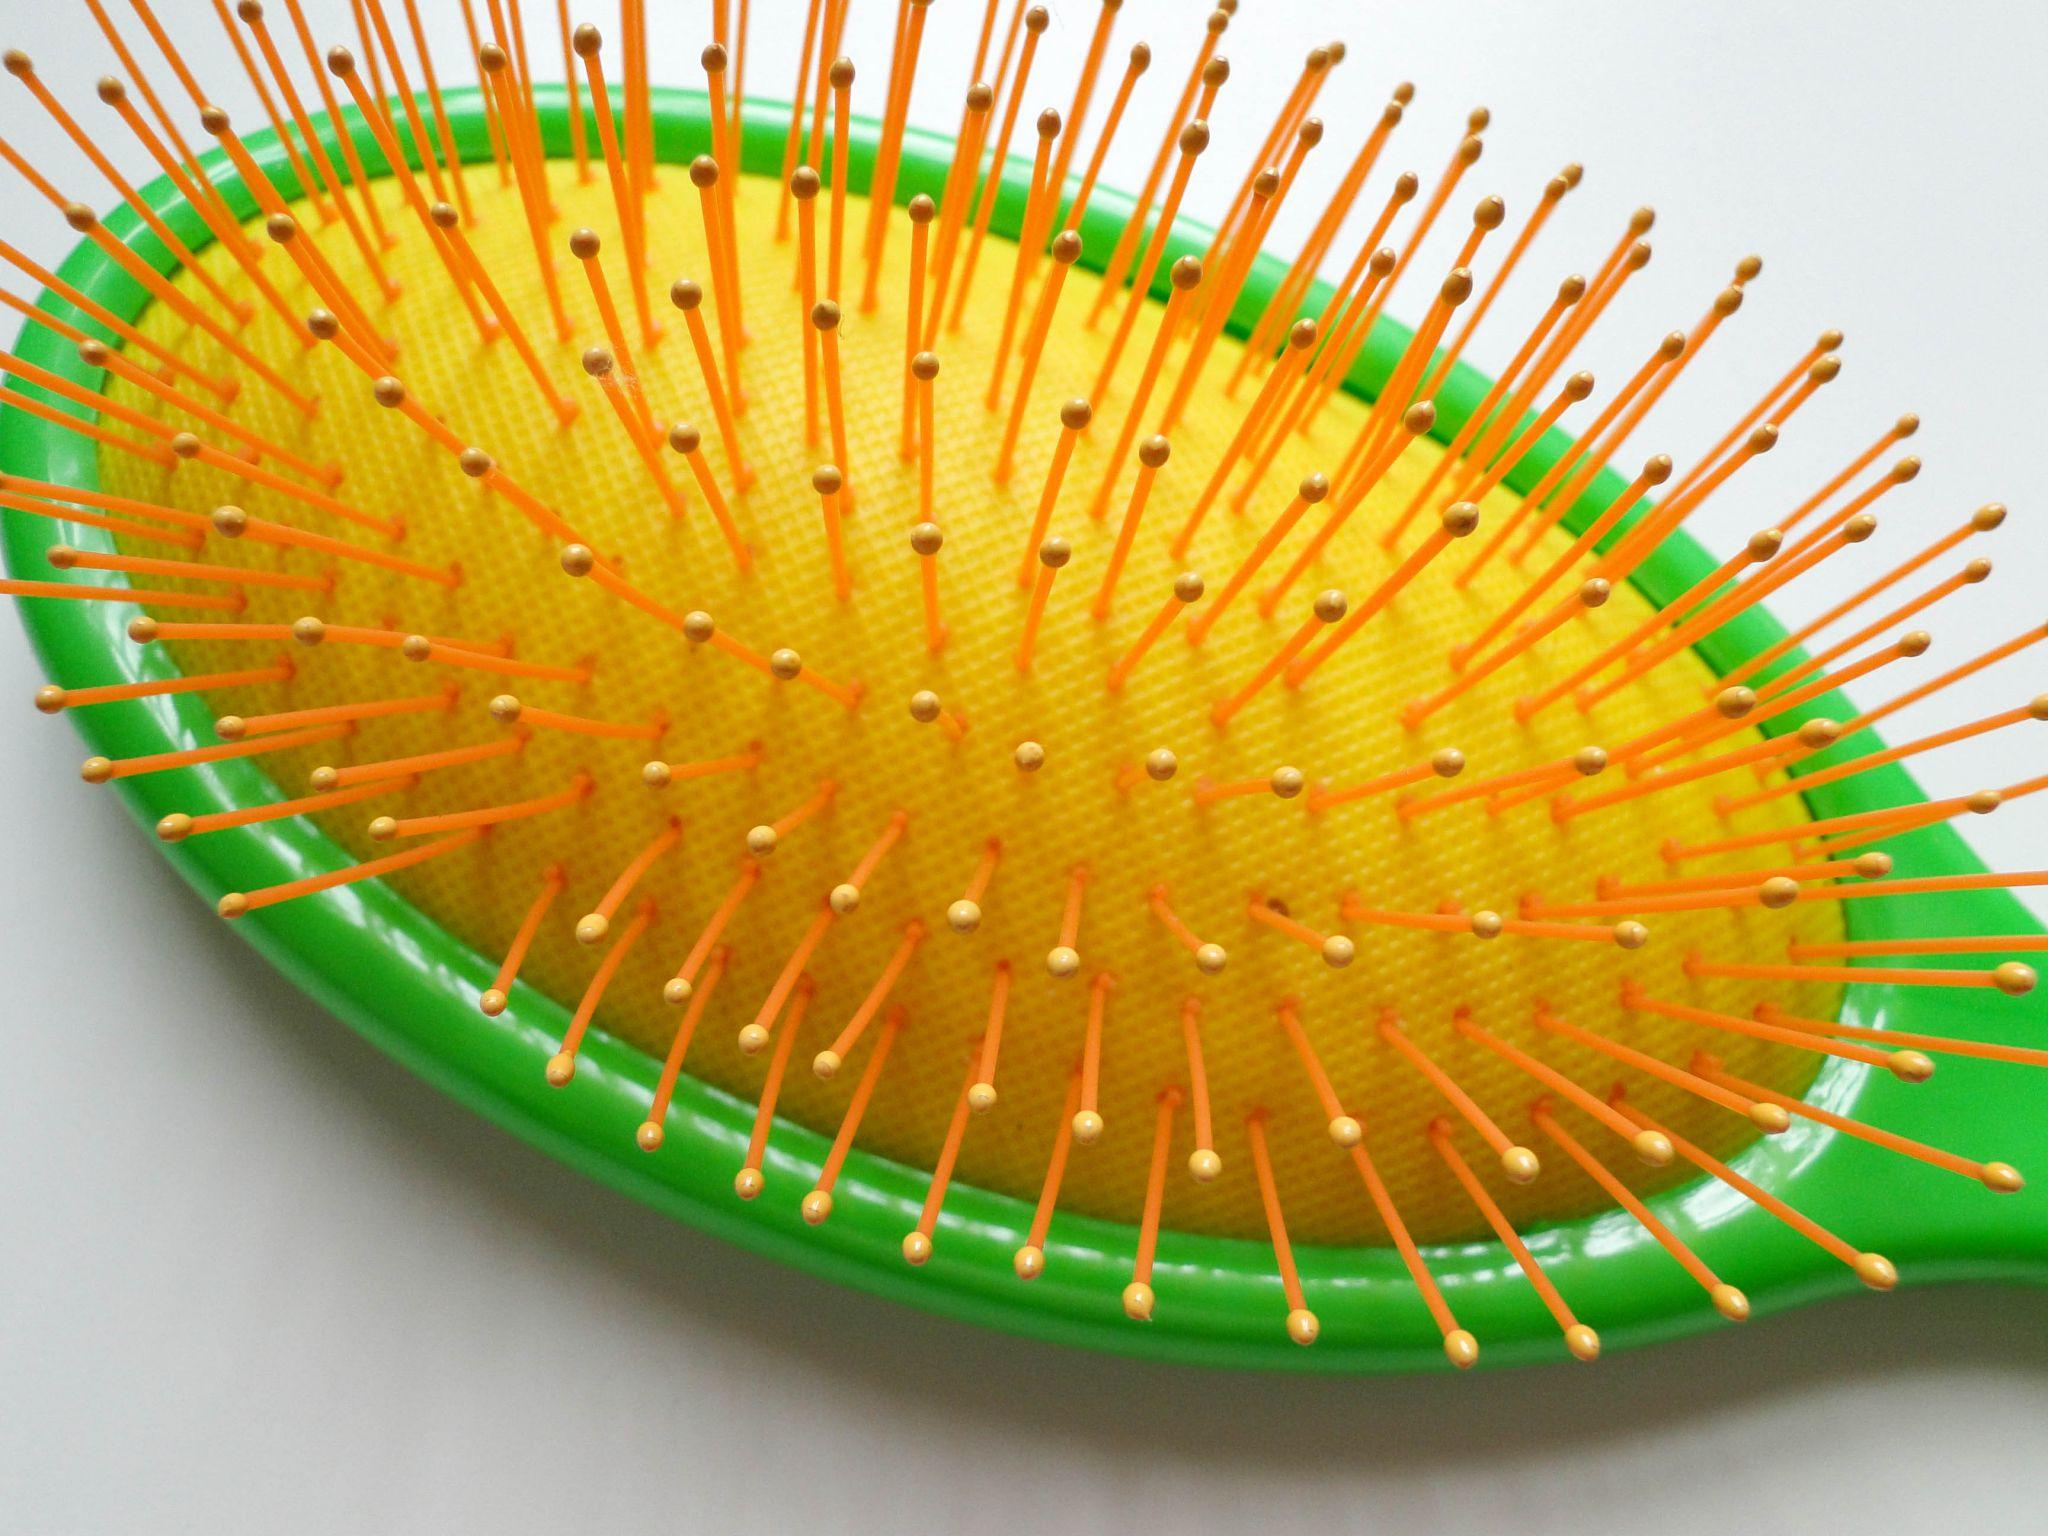 The Wet Brush Neon-2